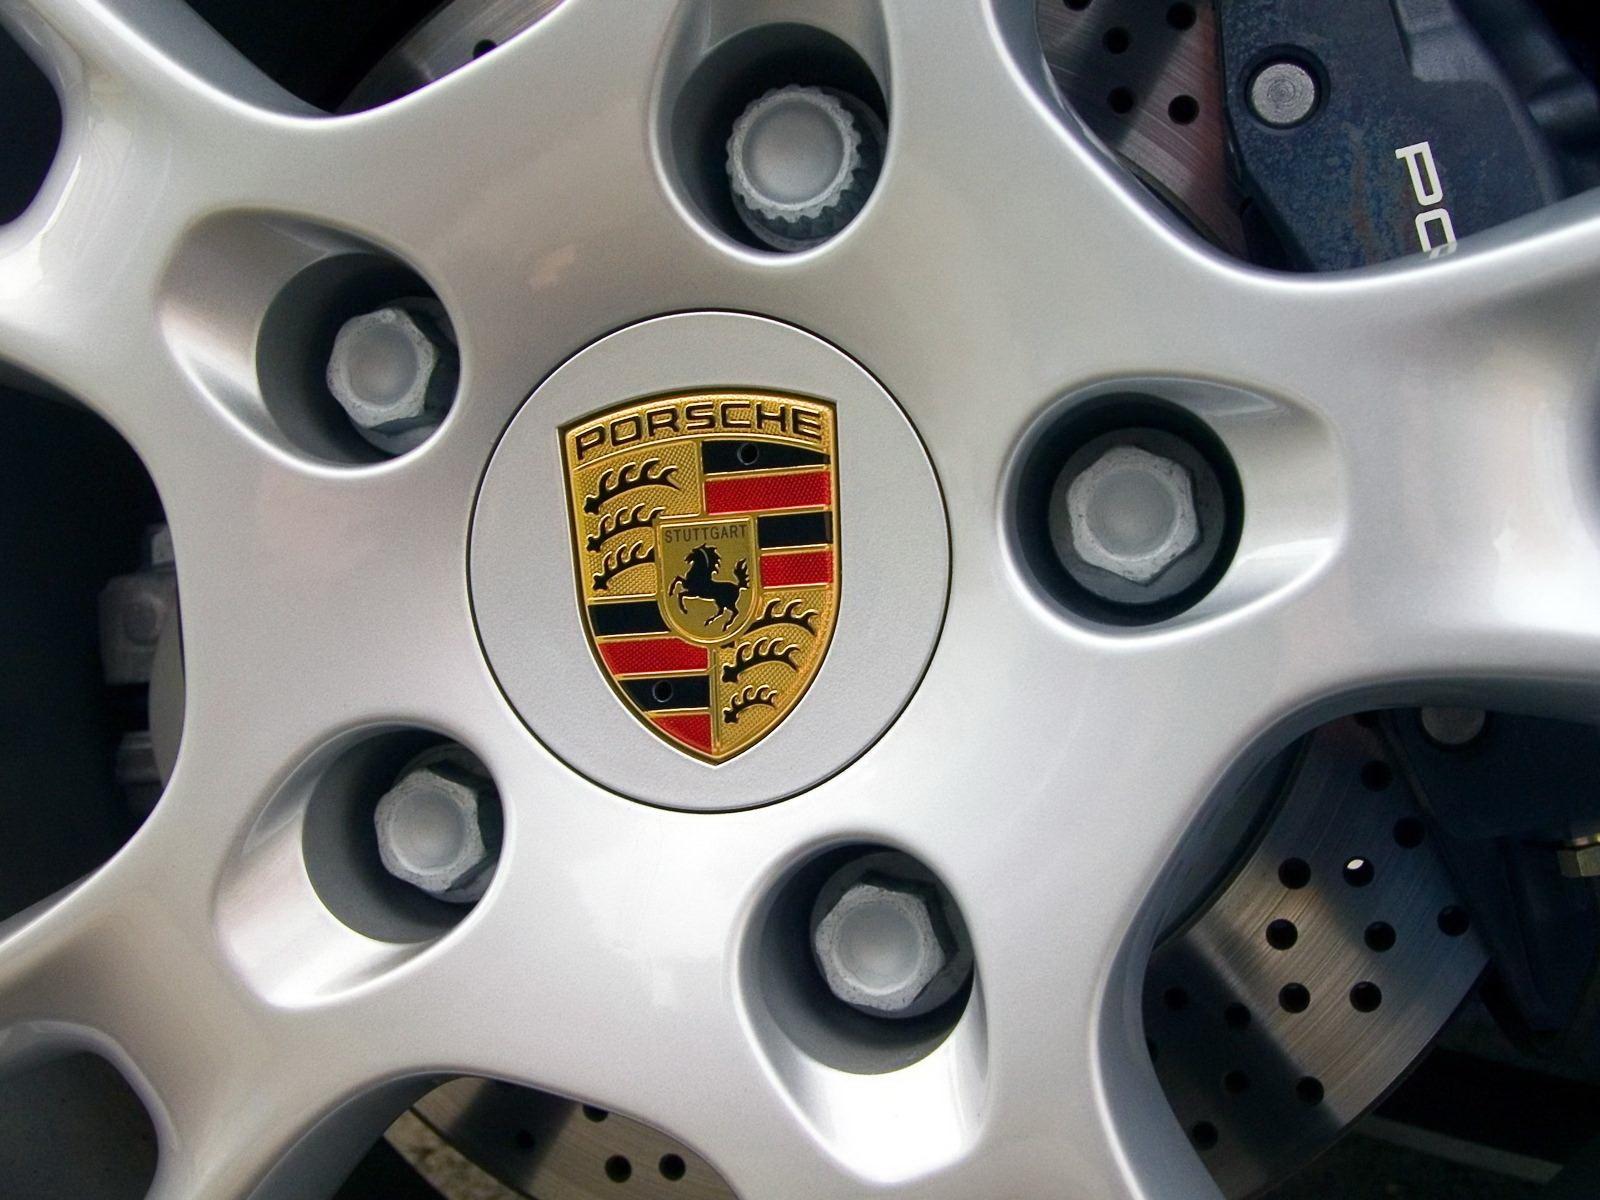 5749 скачать обои Машины, Бренды, Порш (Porsche), Логотипы - заставки и картинки бесплатно